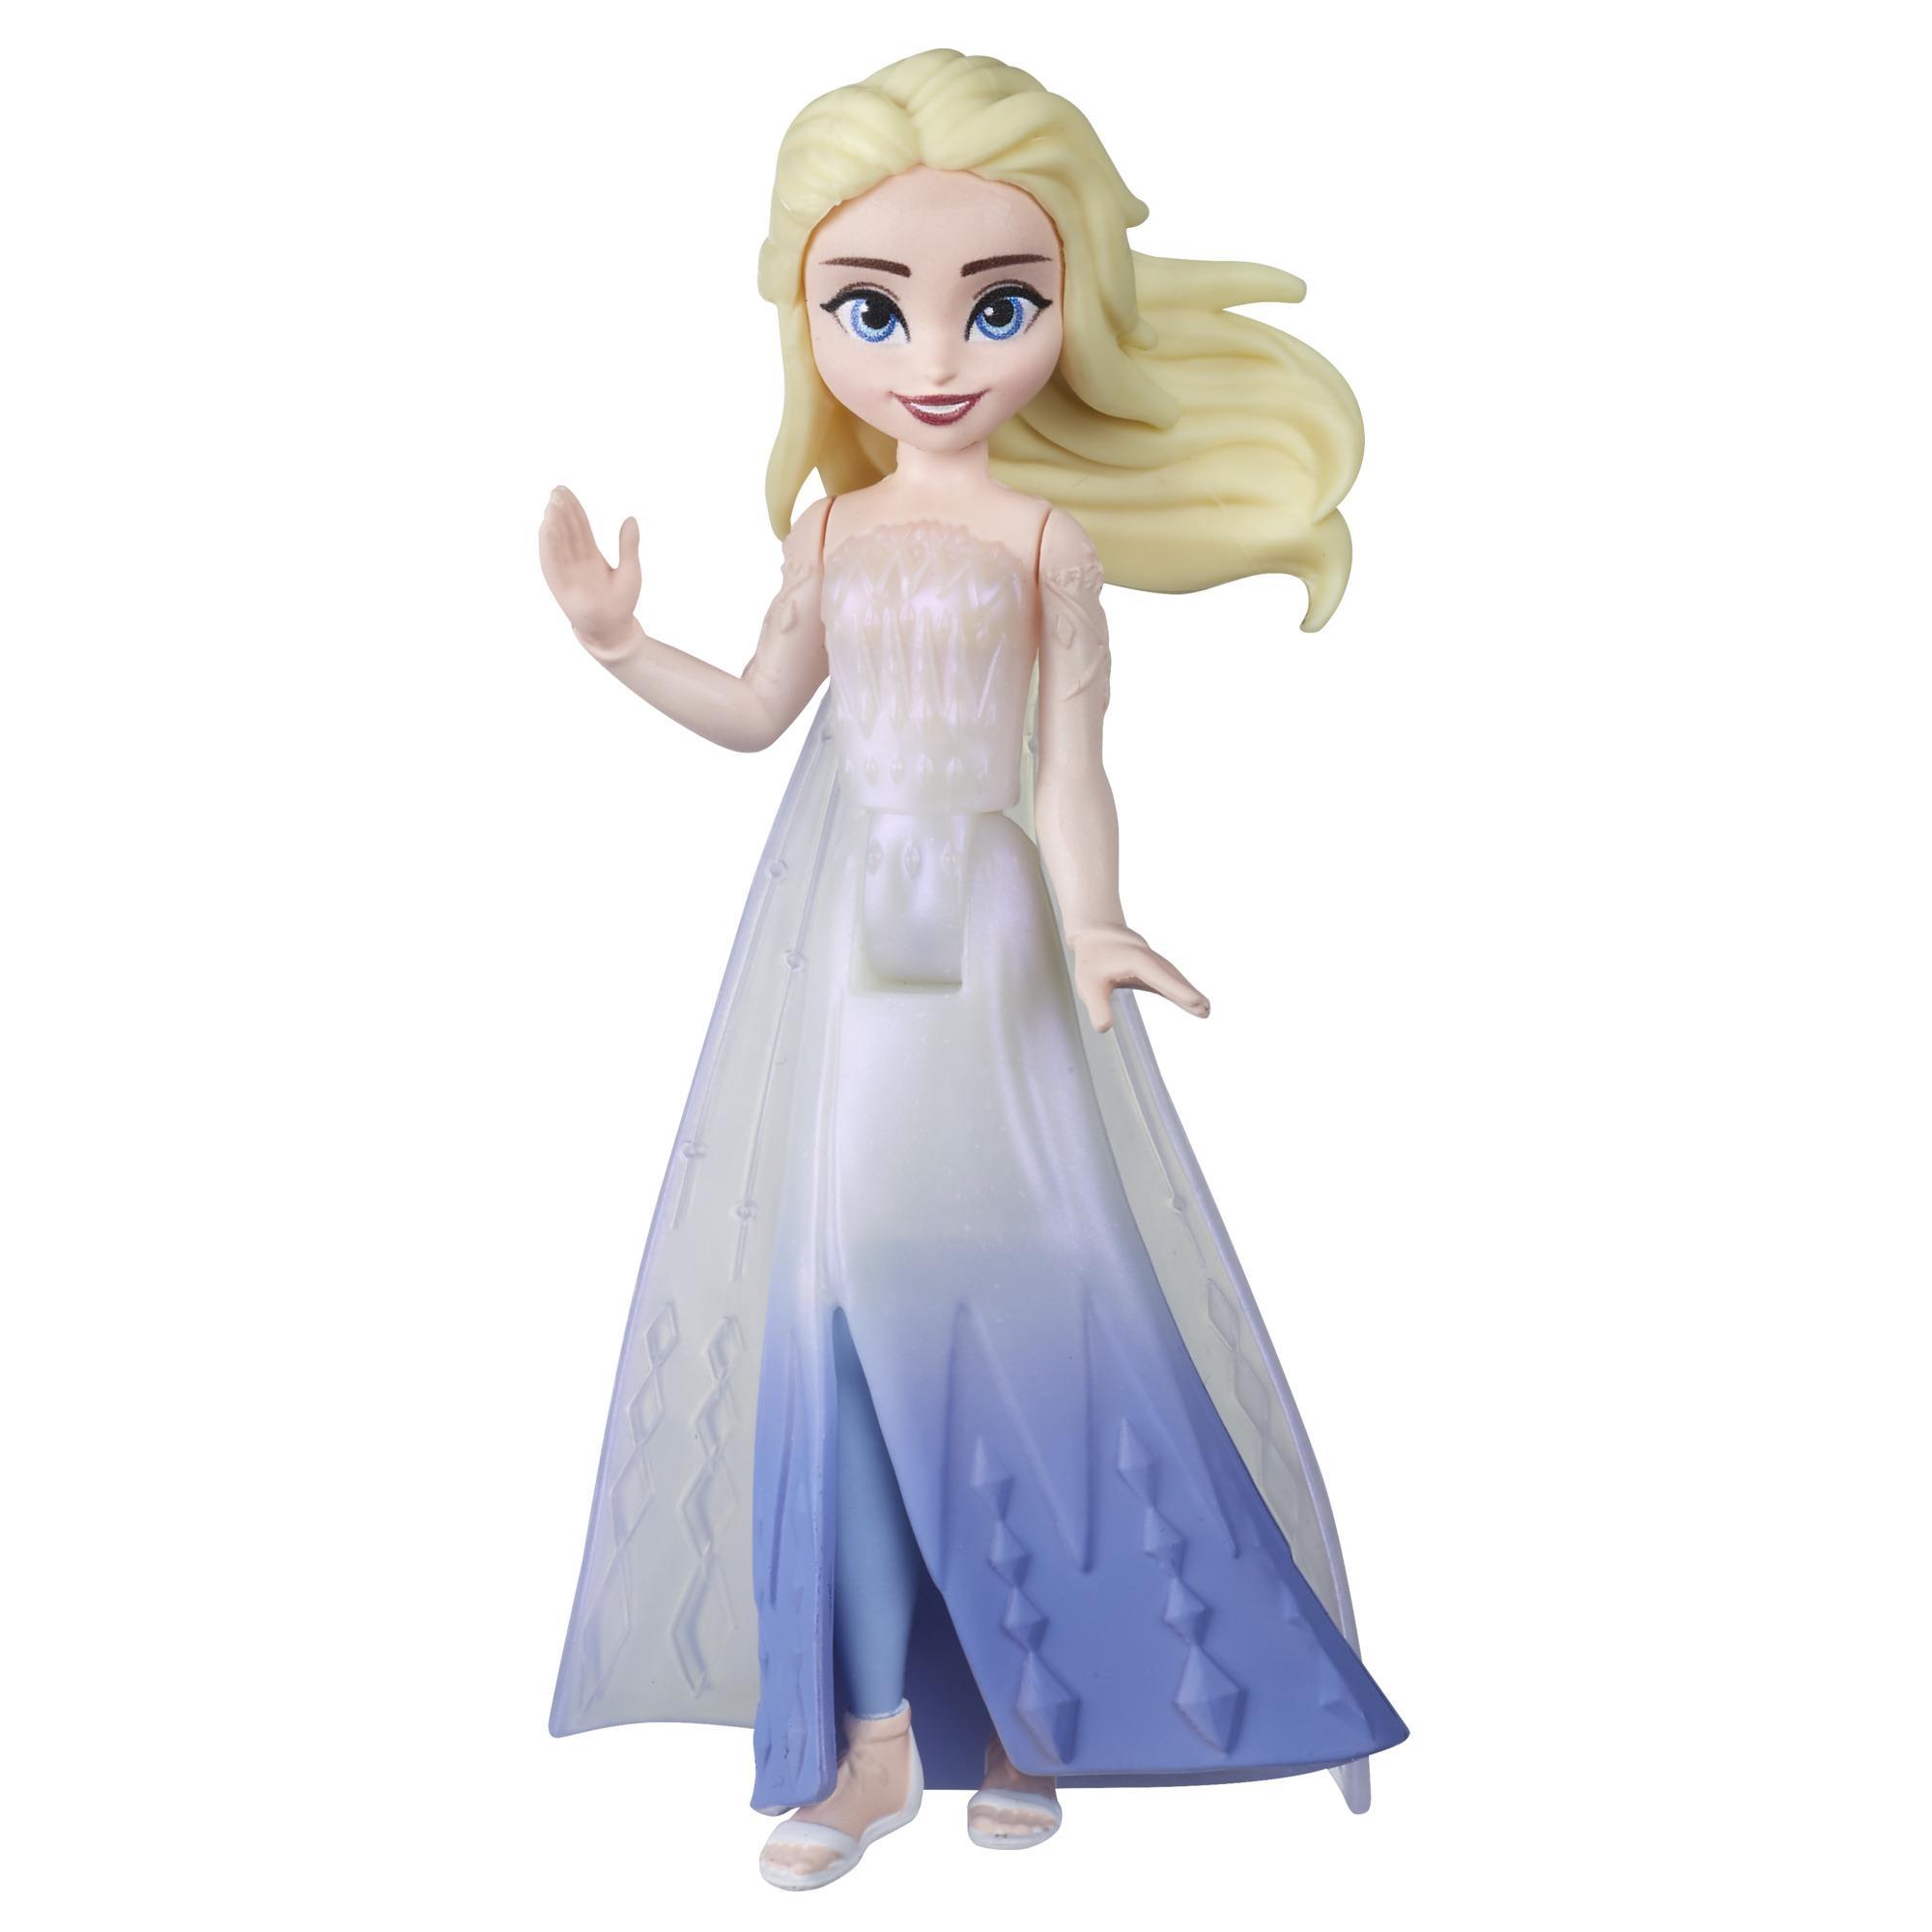 Disney Frozen - Pequeña muñeca de la reina Elsa con capa removible, inspirada en Frozen 2 - Edad 3+